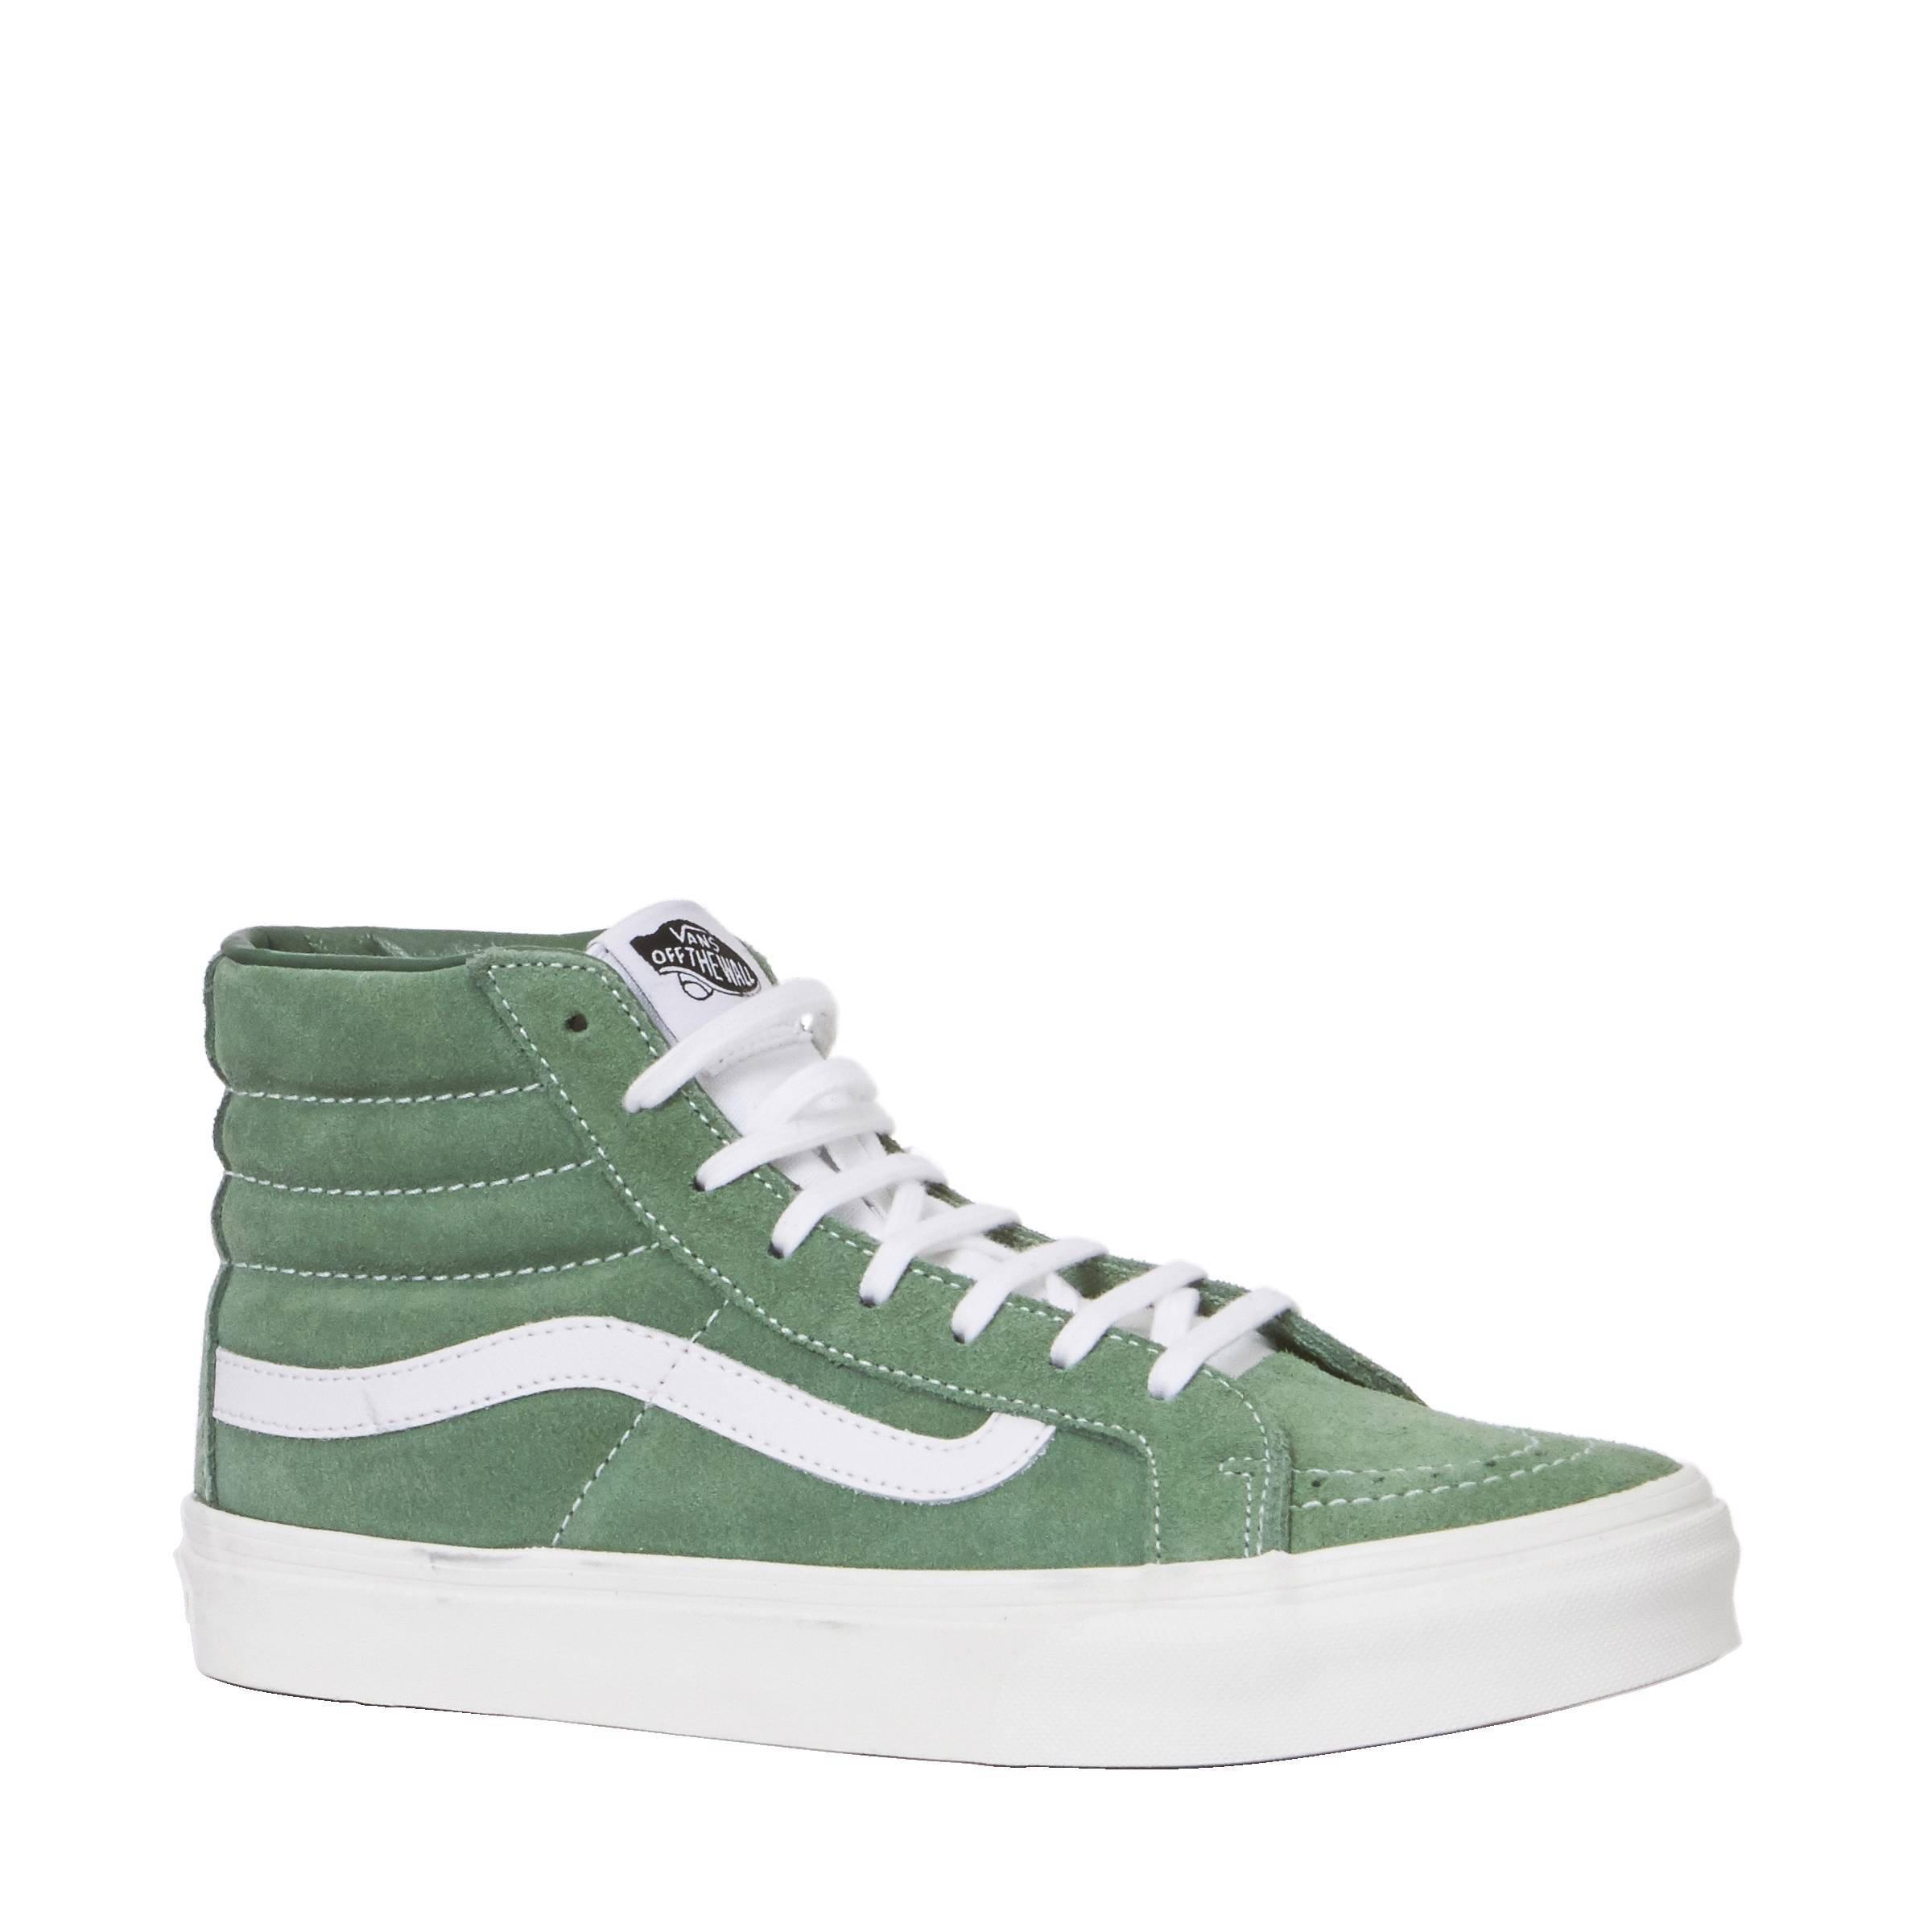 vans sk8 hi groen